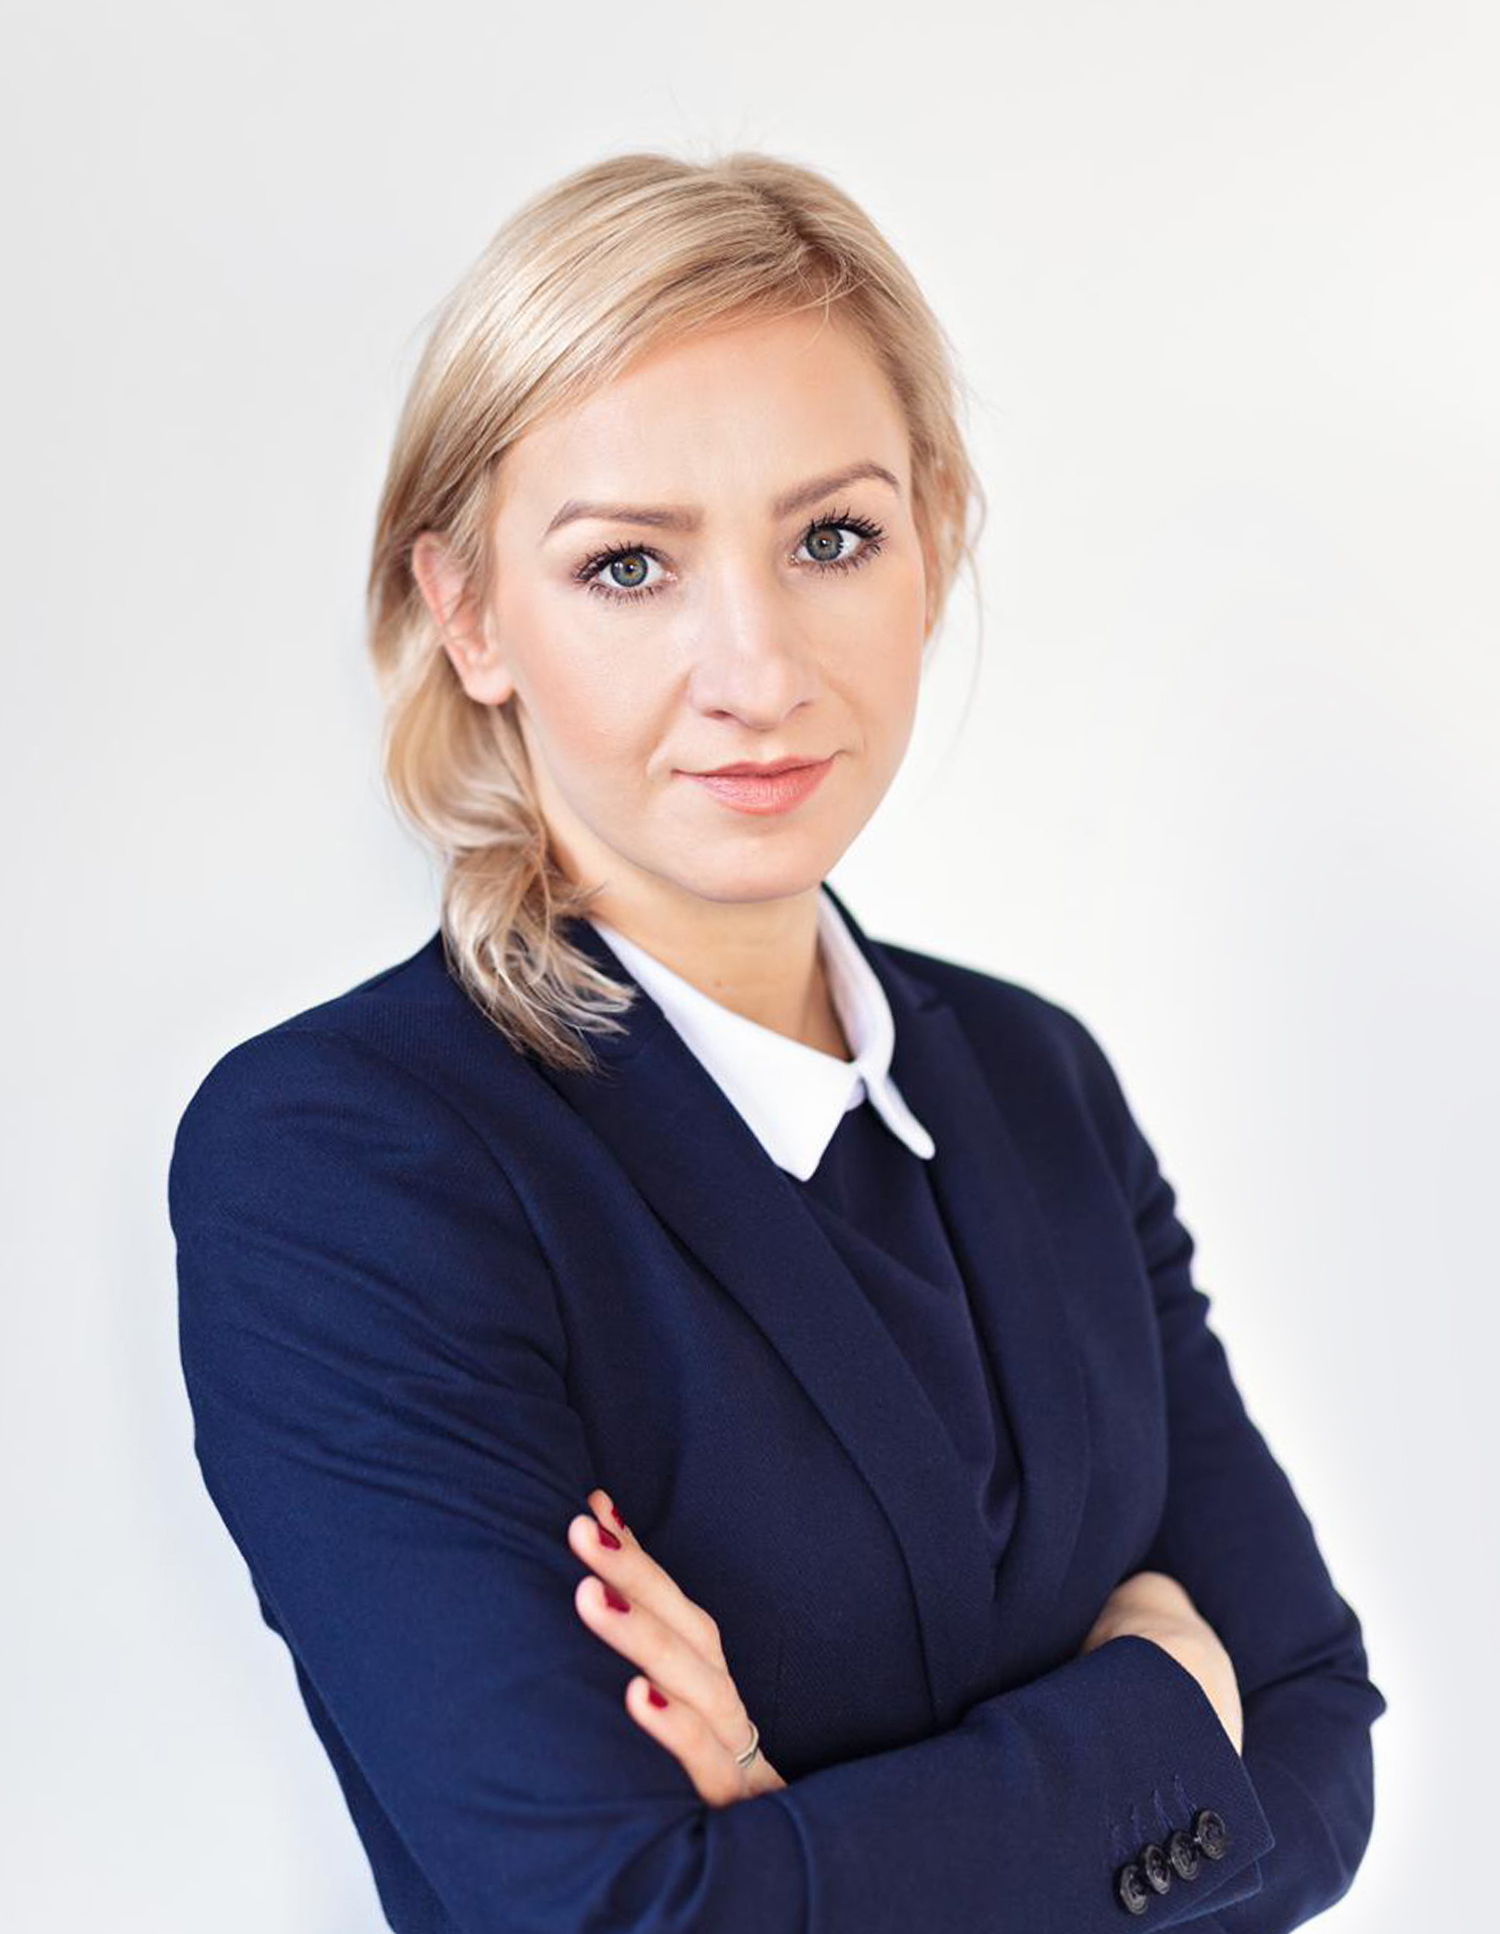 Anna Simms-Cato